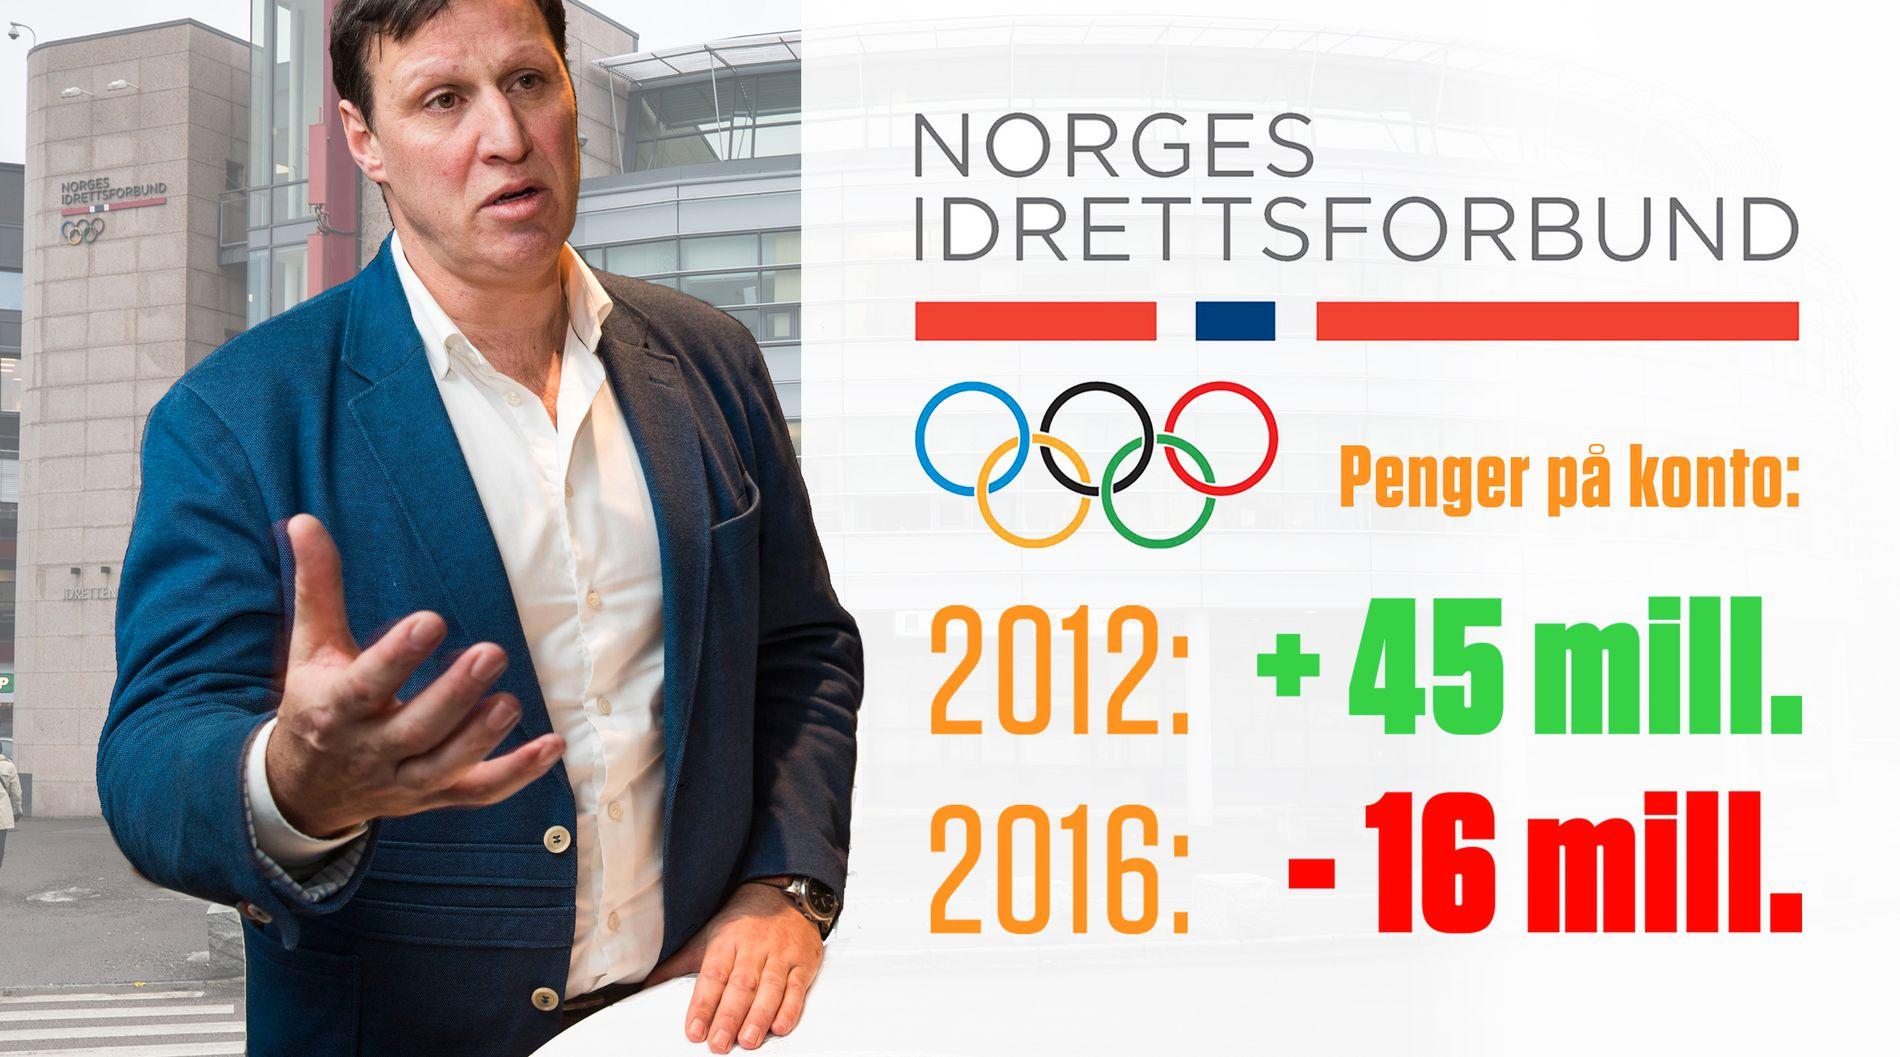 MANNEN PÅ TOPPEN: Tom Tvedt ble idrettspresident i 2015. I løpet av hans to år ved roret har Norges idrettsforbund gått fra penger på bok til å overtrekke kontoen.